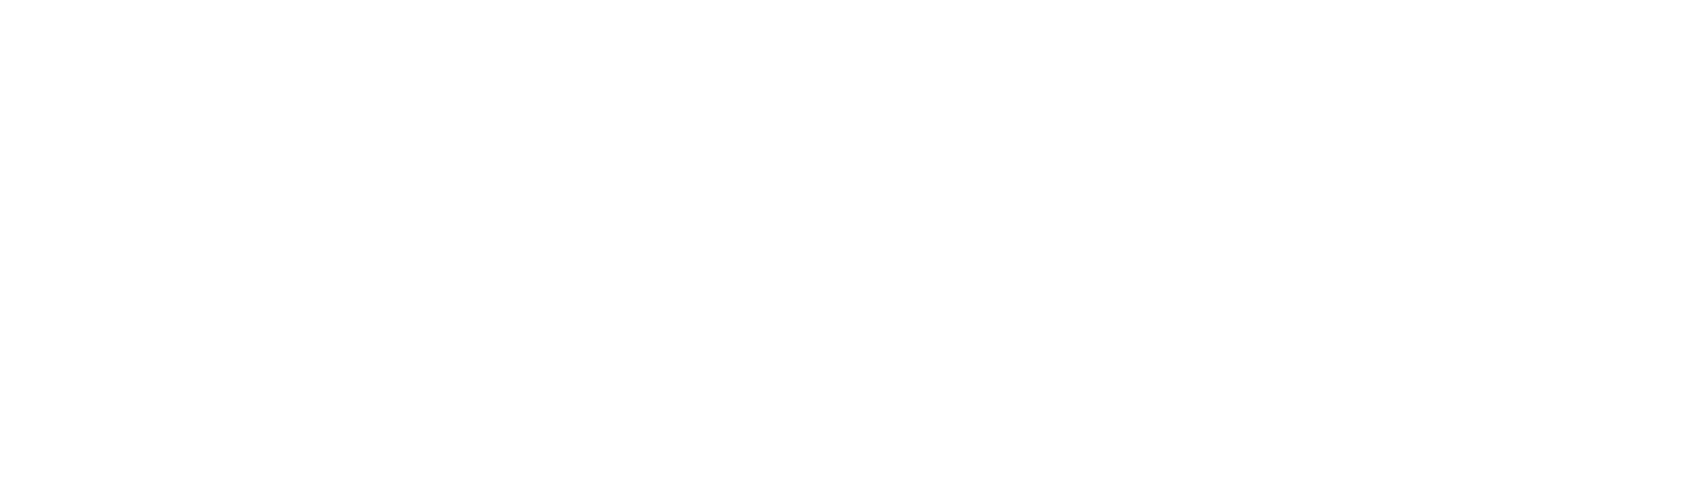 Saxon Premium Funding